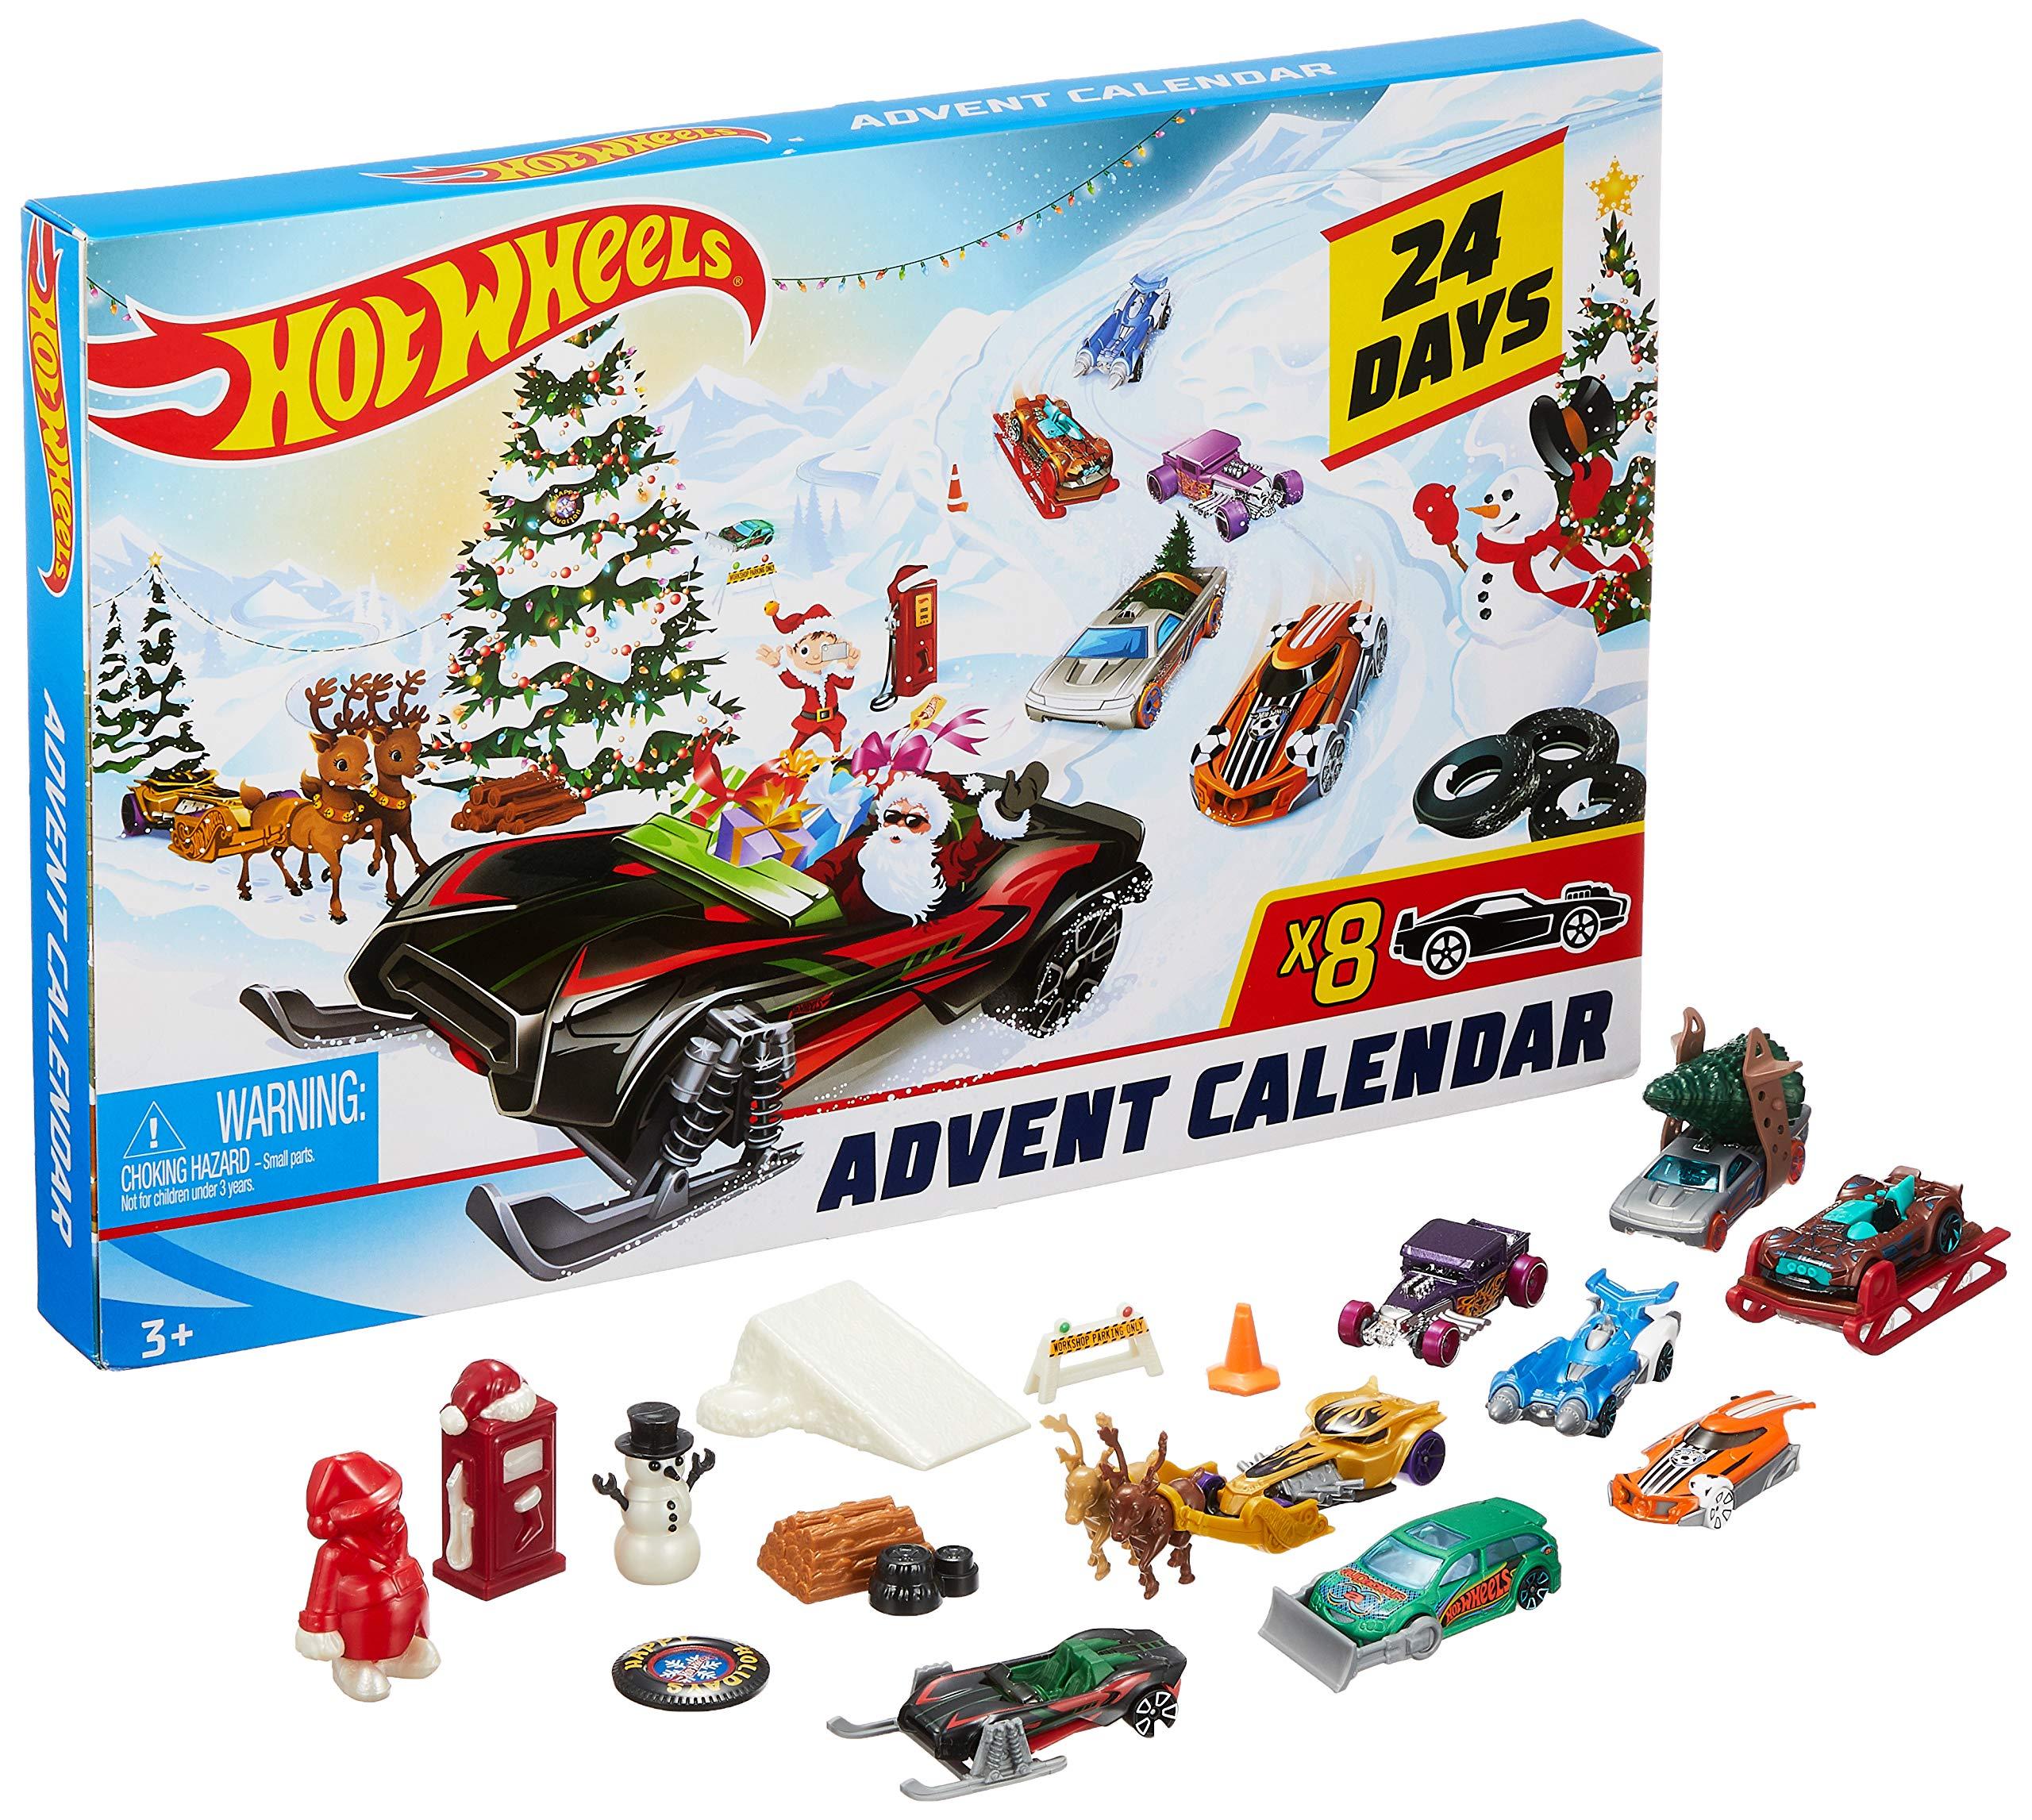 Hot Wheels – Calendario de Adviento con Coches de Juguete y Accesorios Sorpresa (Mattel FYN46)